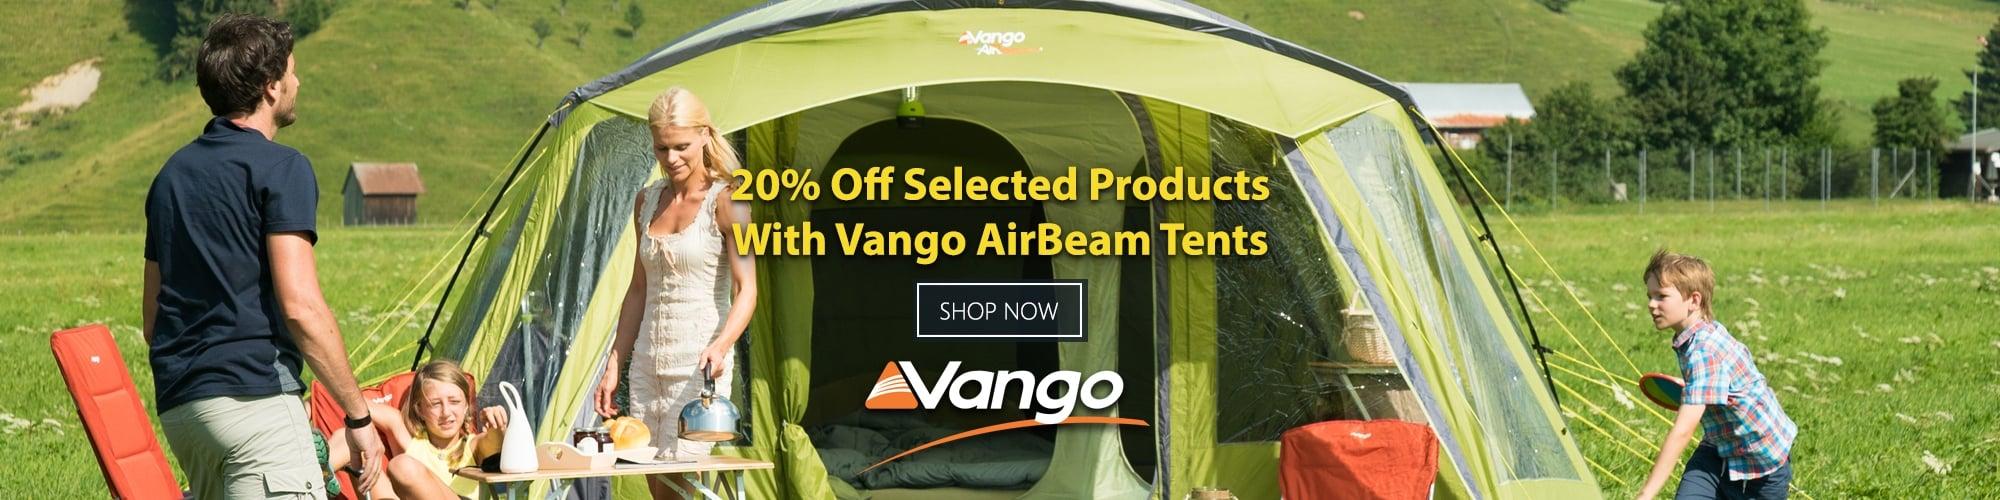 Vango AirBeam Offer 2017